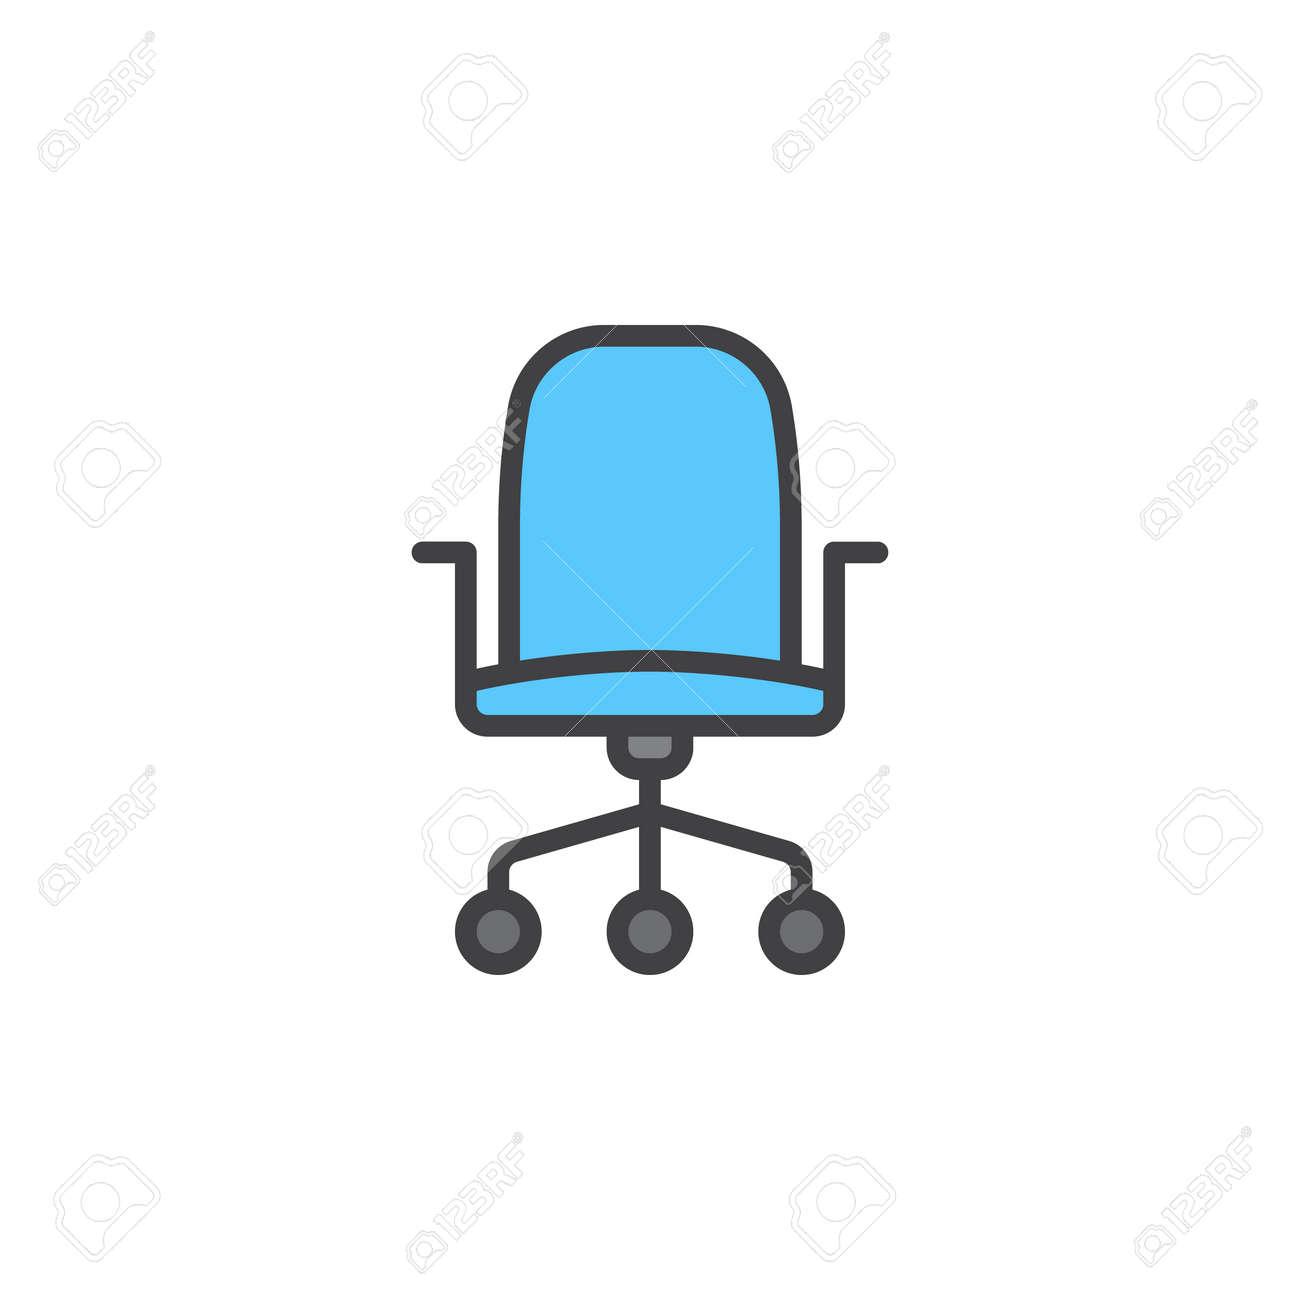 Icono De LlenoPictograma Silla BlancoSímboloIlustración En Línea OficinaSigno Contorno Aislado Vector Lineal Colorido Del La 34j5ARL